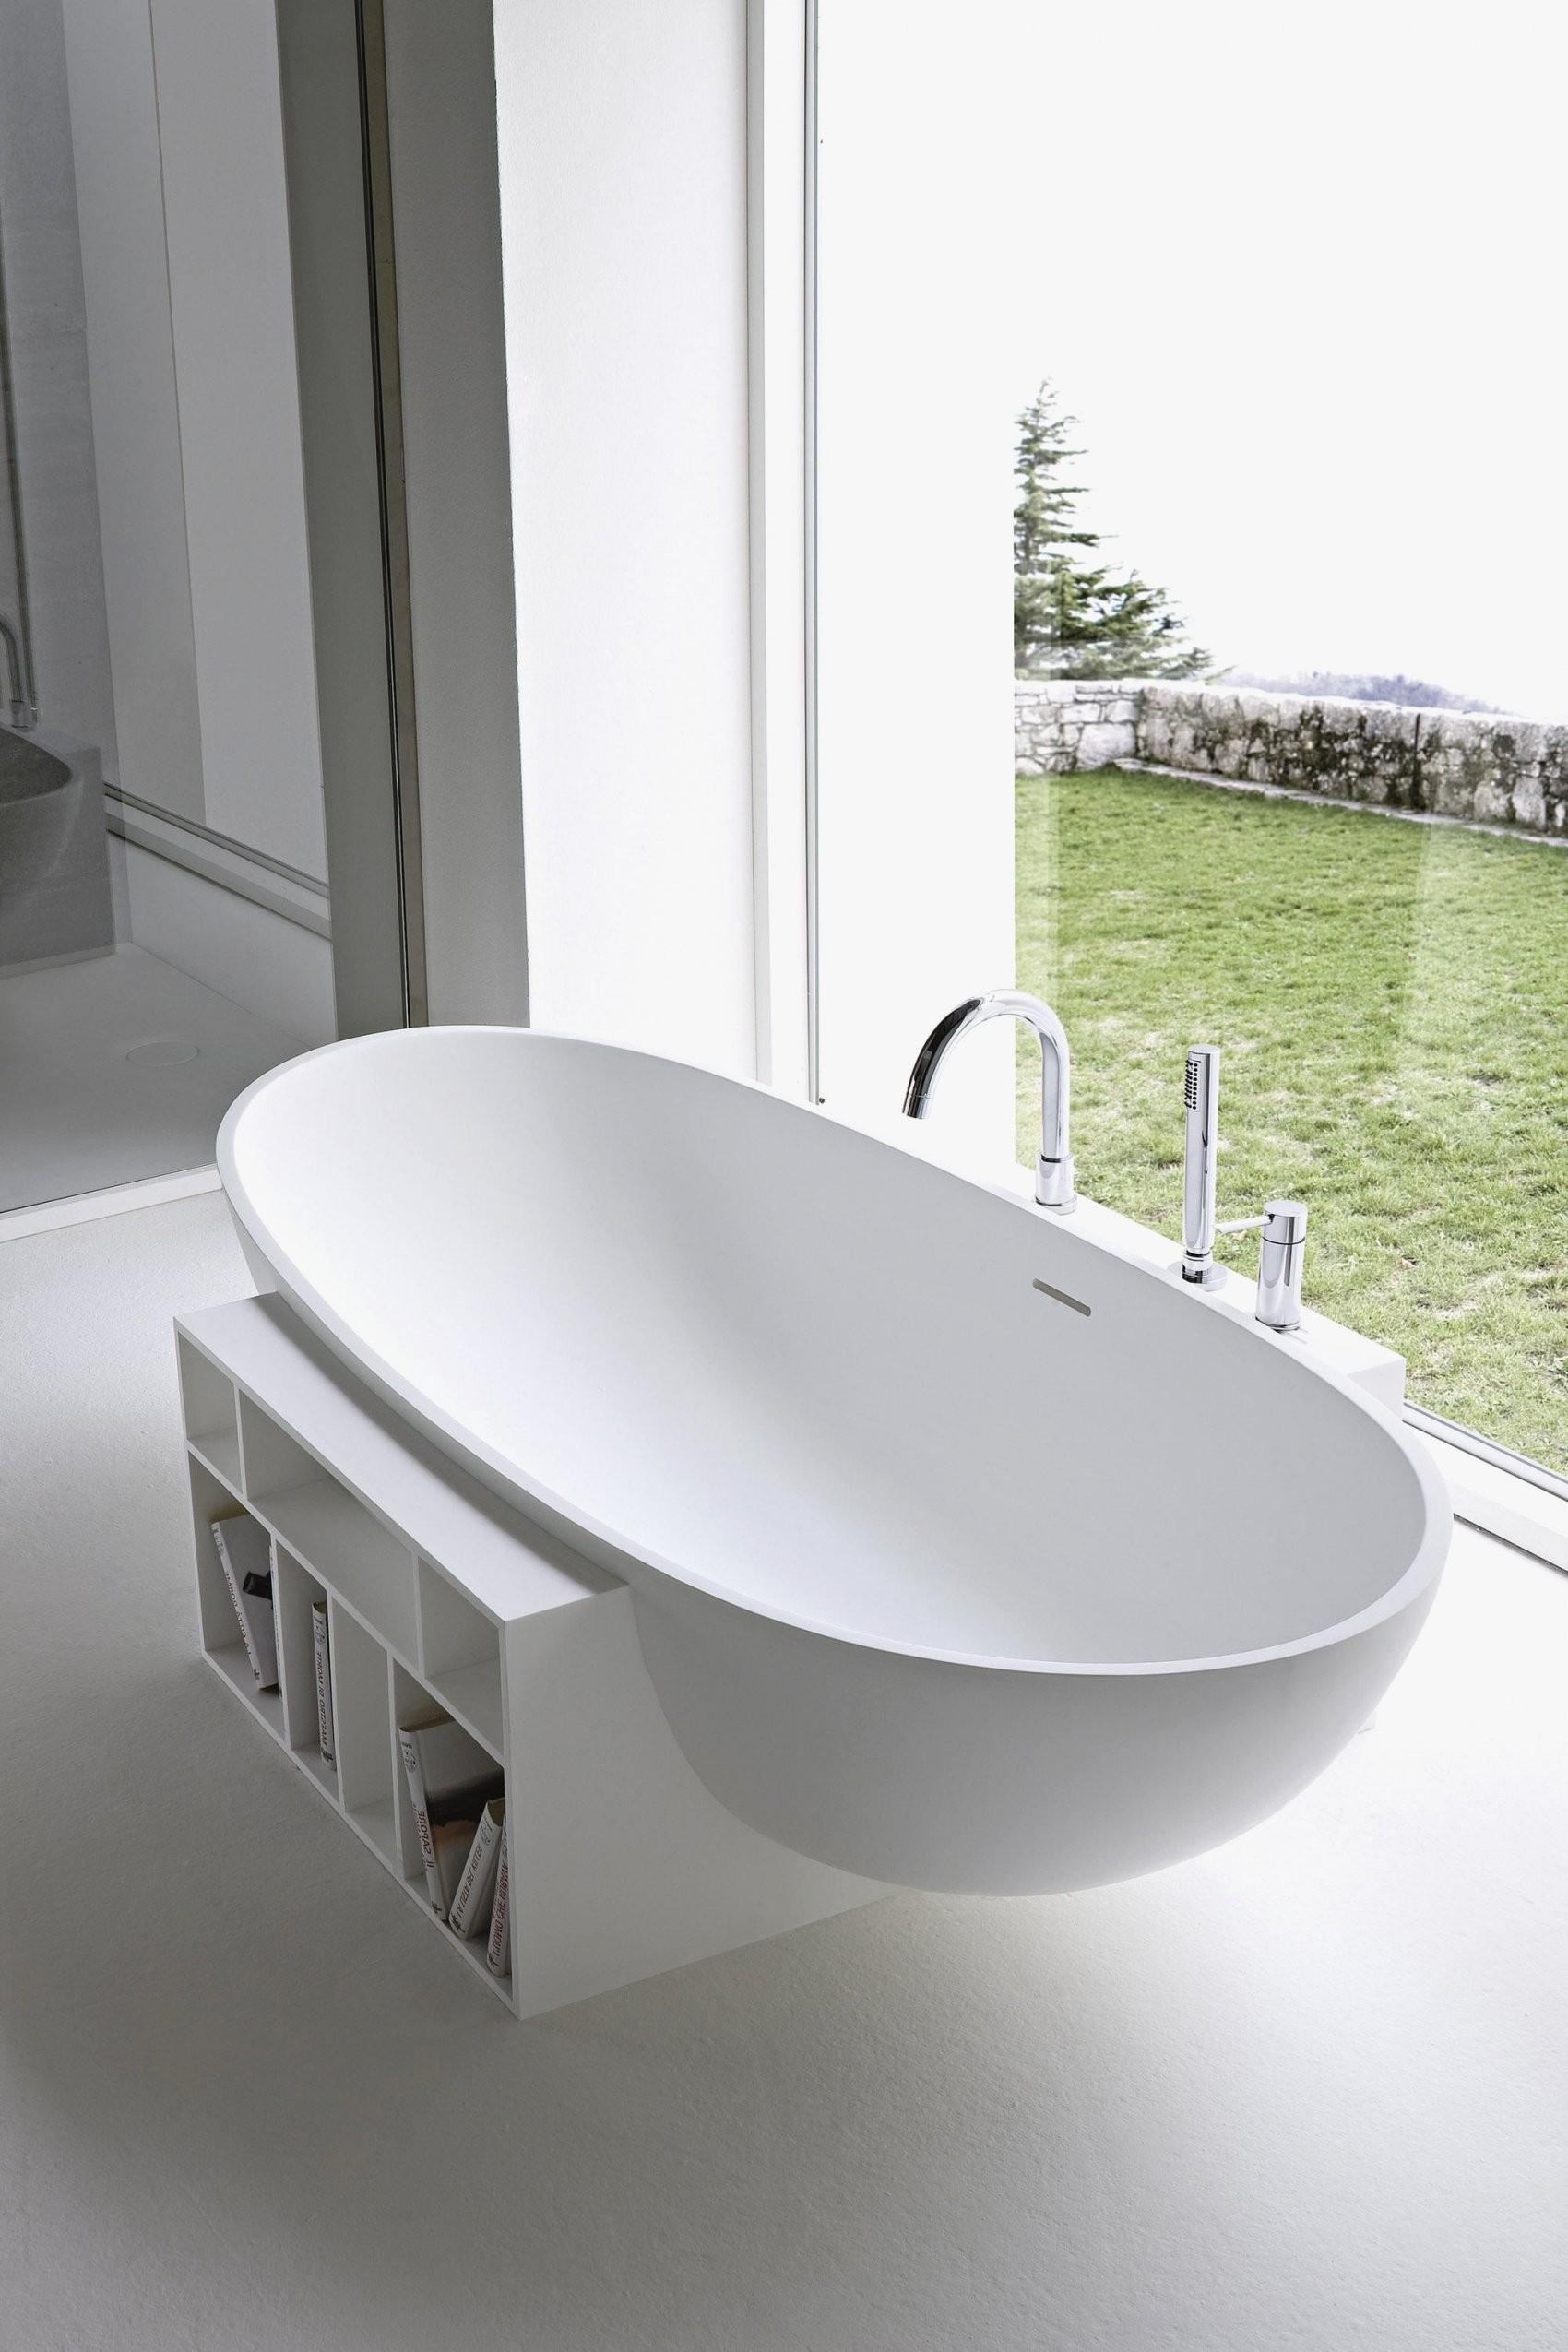 Freistehende Badewanne Mit Fussen Acryl Wanne Im Klassischen Stil von Freistehende Badewanne Gebraucht Bild